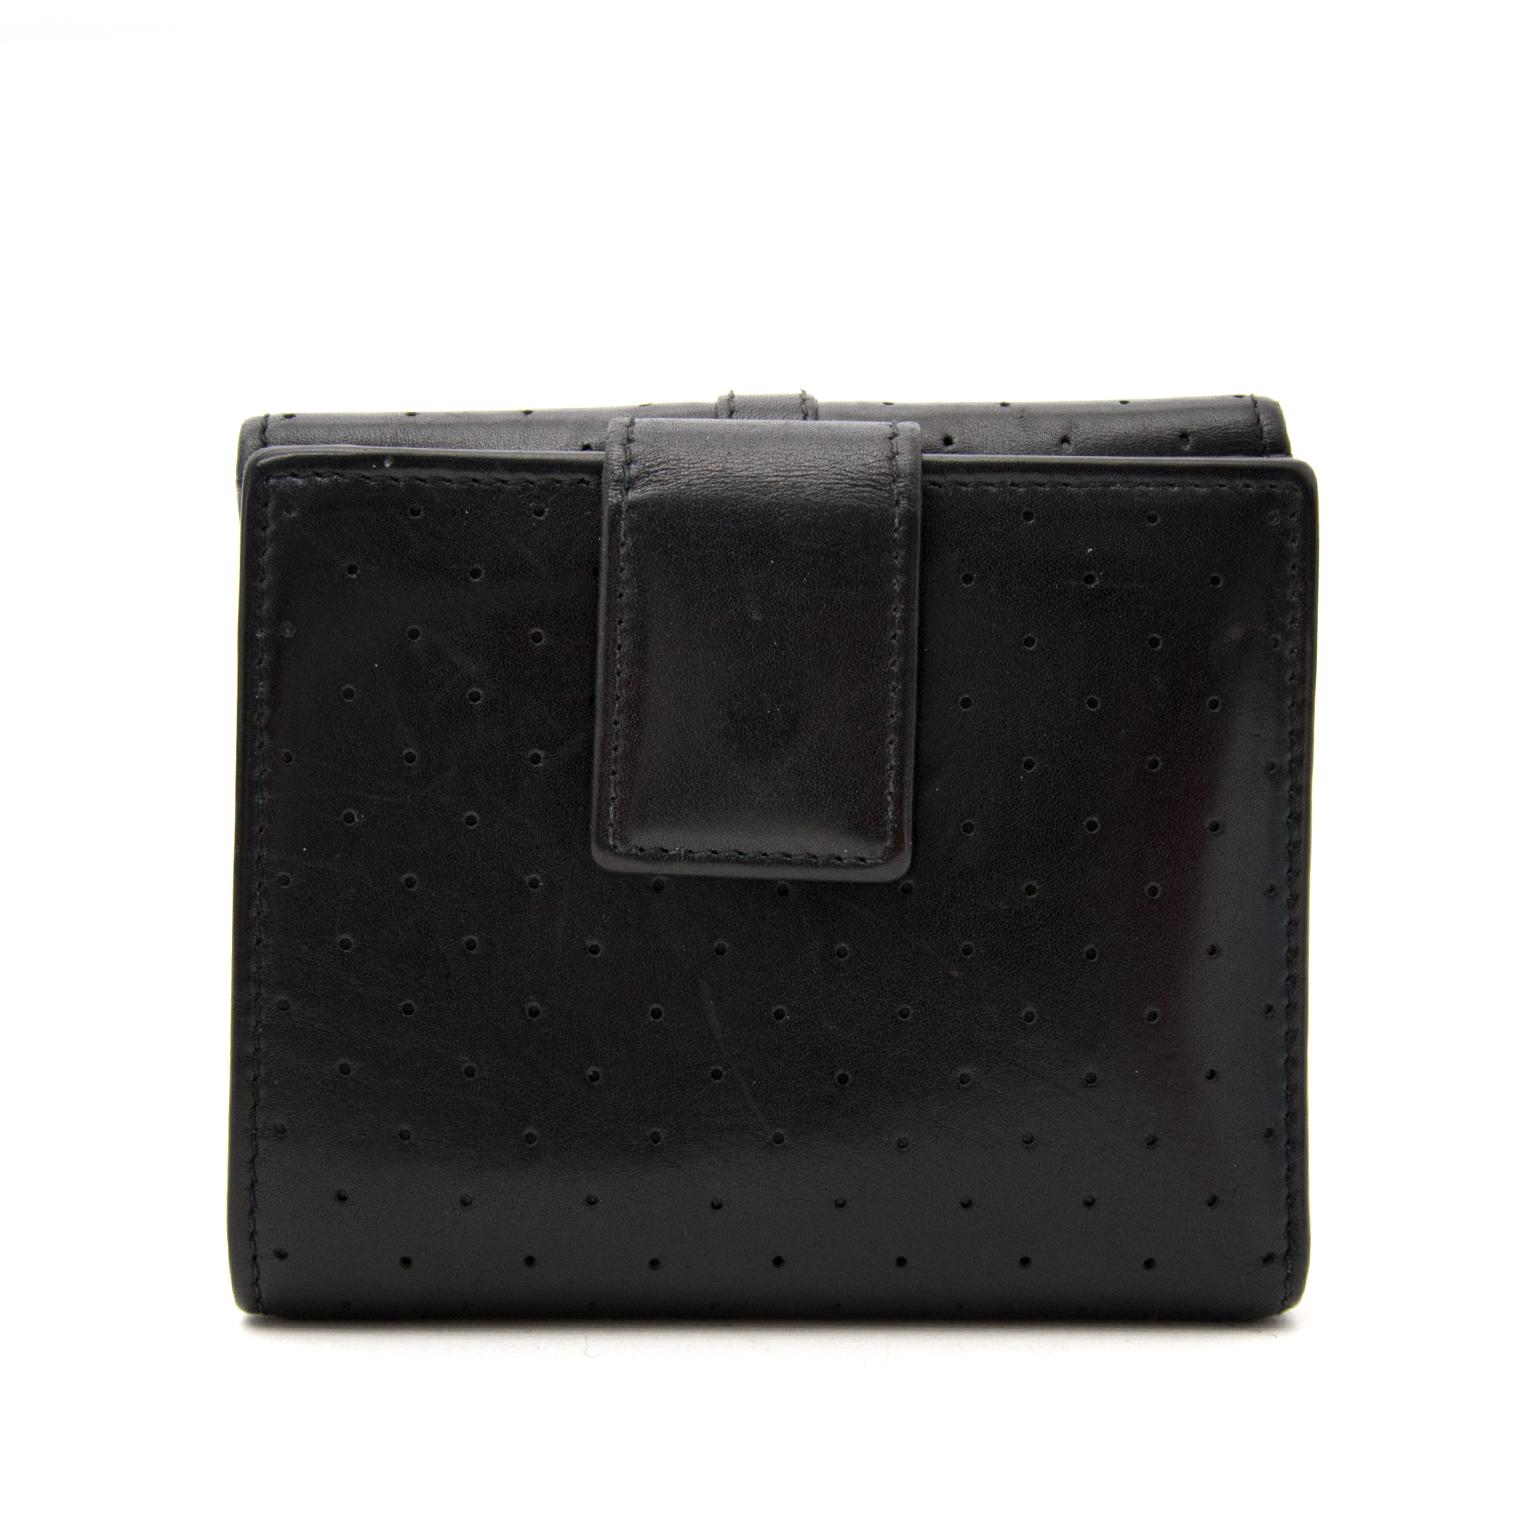 Zwarte Lederen Gucci Portemonnee nu online op labellov.com tegen de beste prijs.